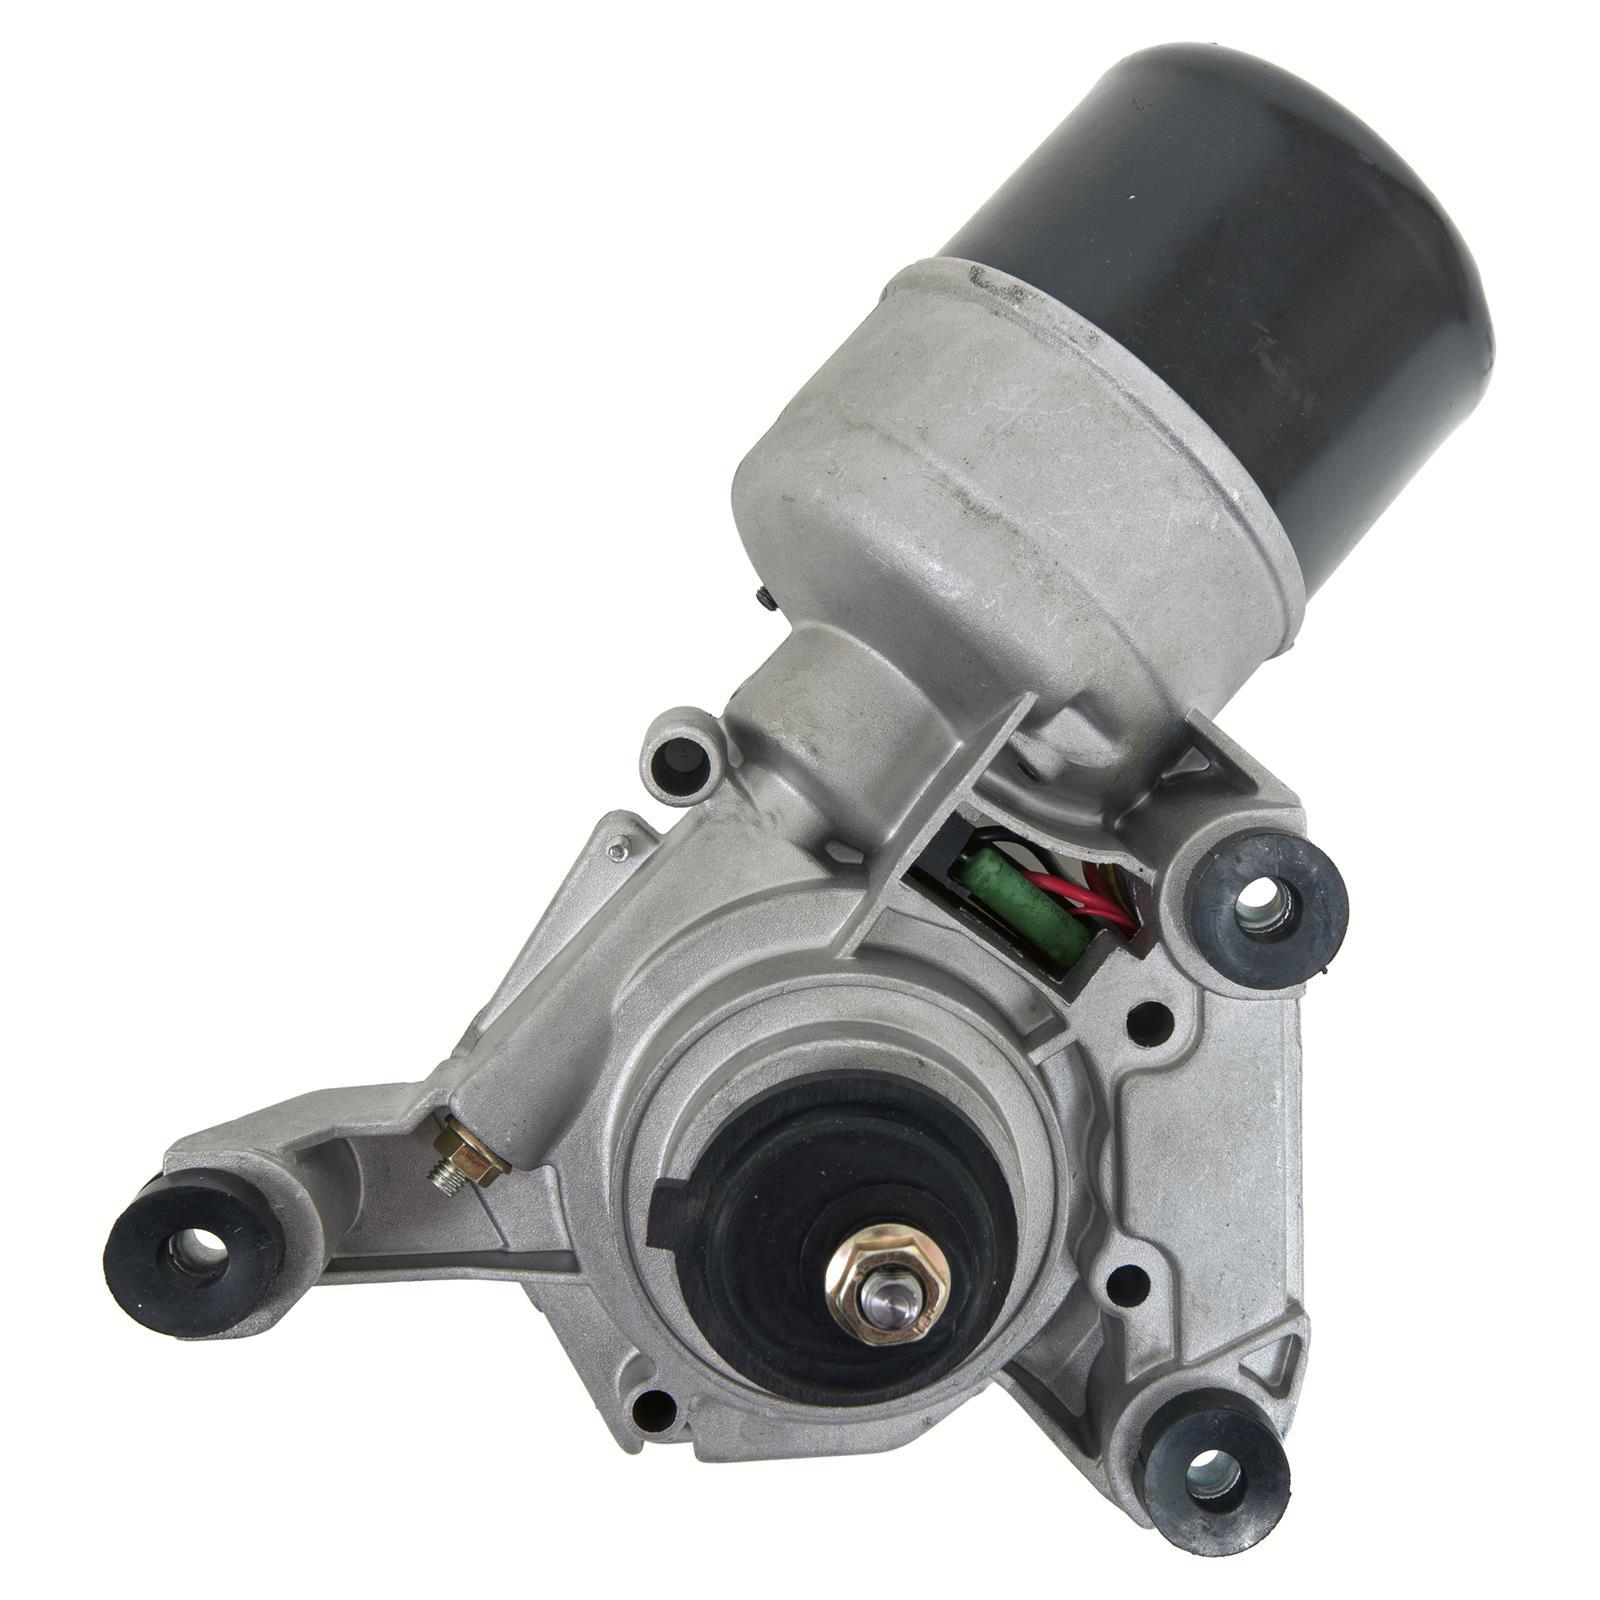 Windshield Wiper Motor >> Cardone New Windshield Wiper Motors 85 142 Free Shipping On Orders